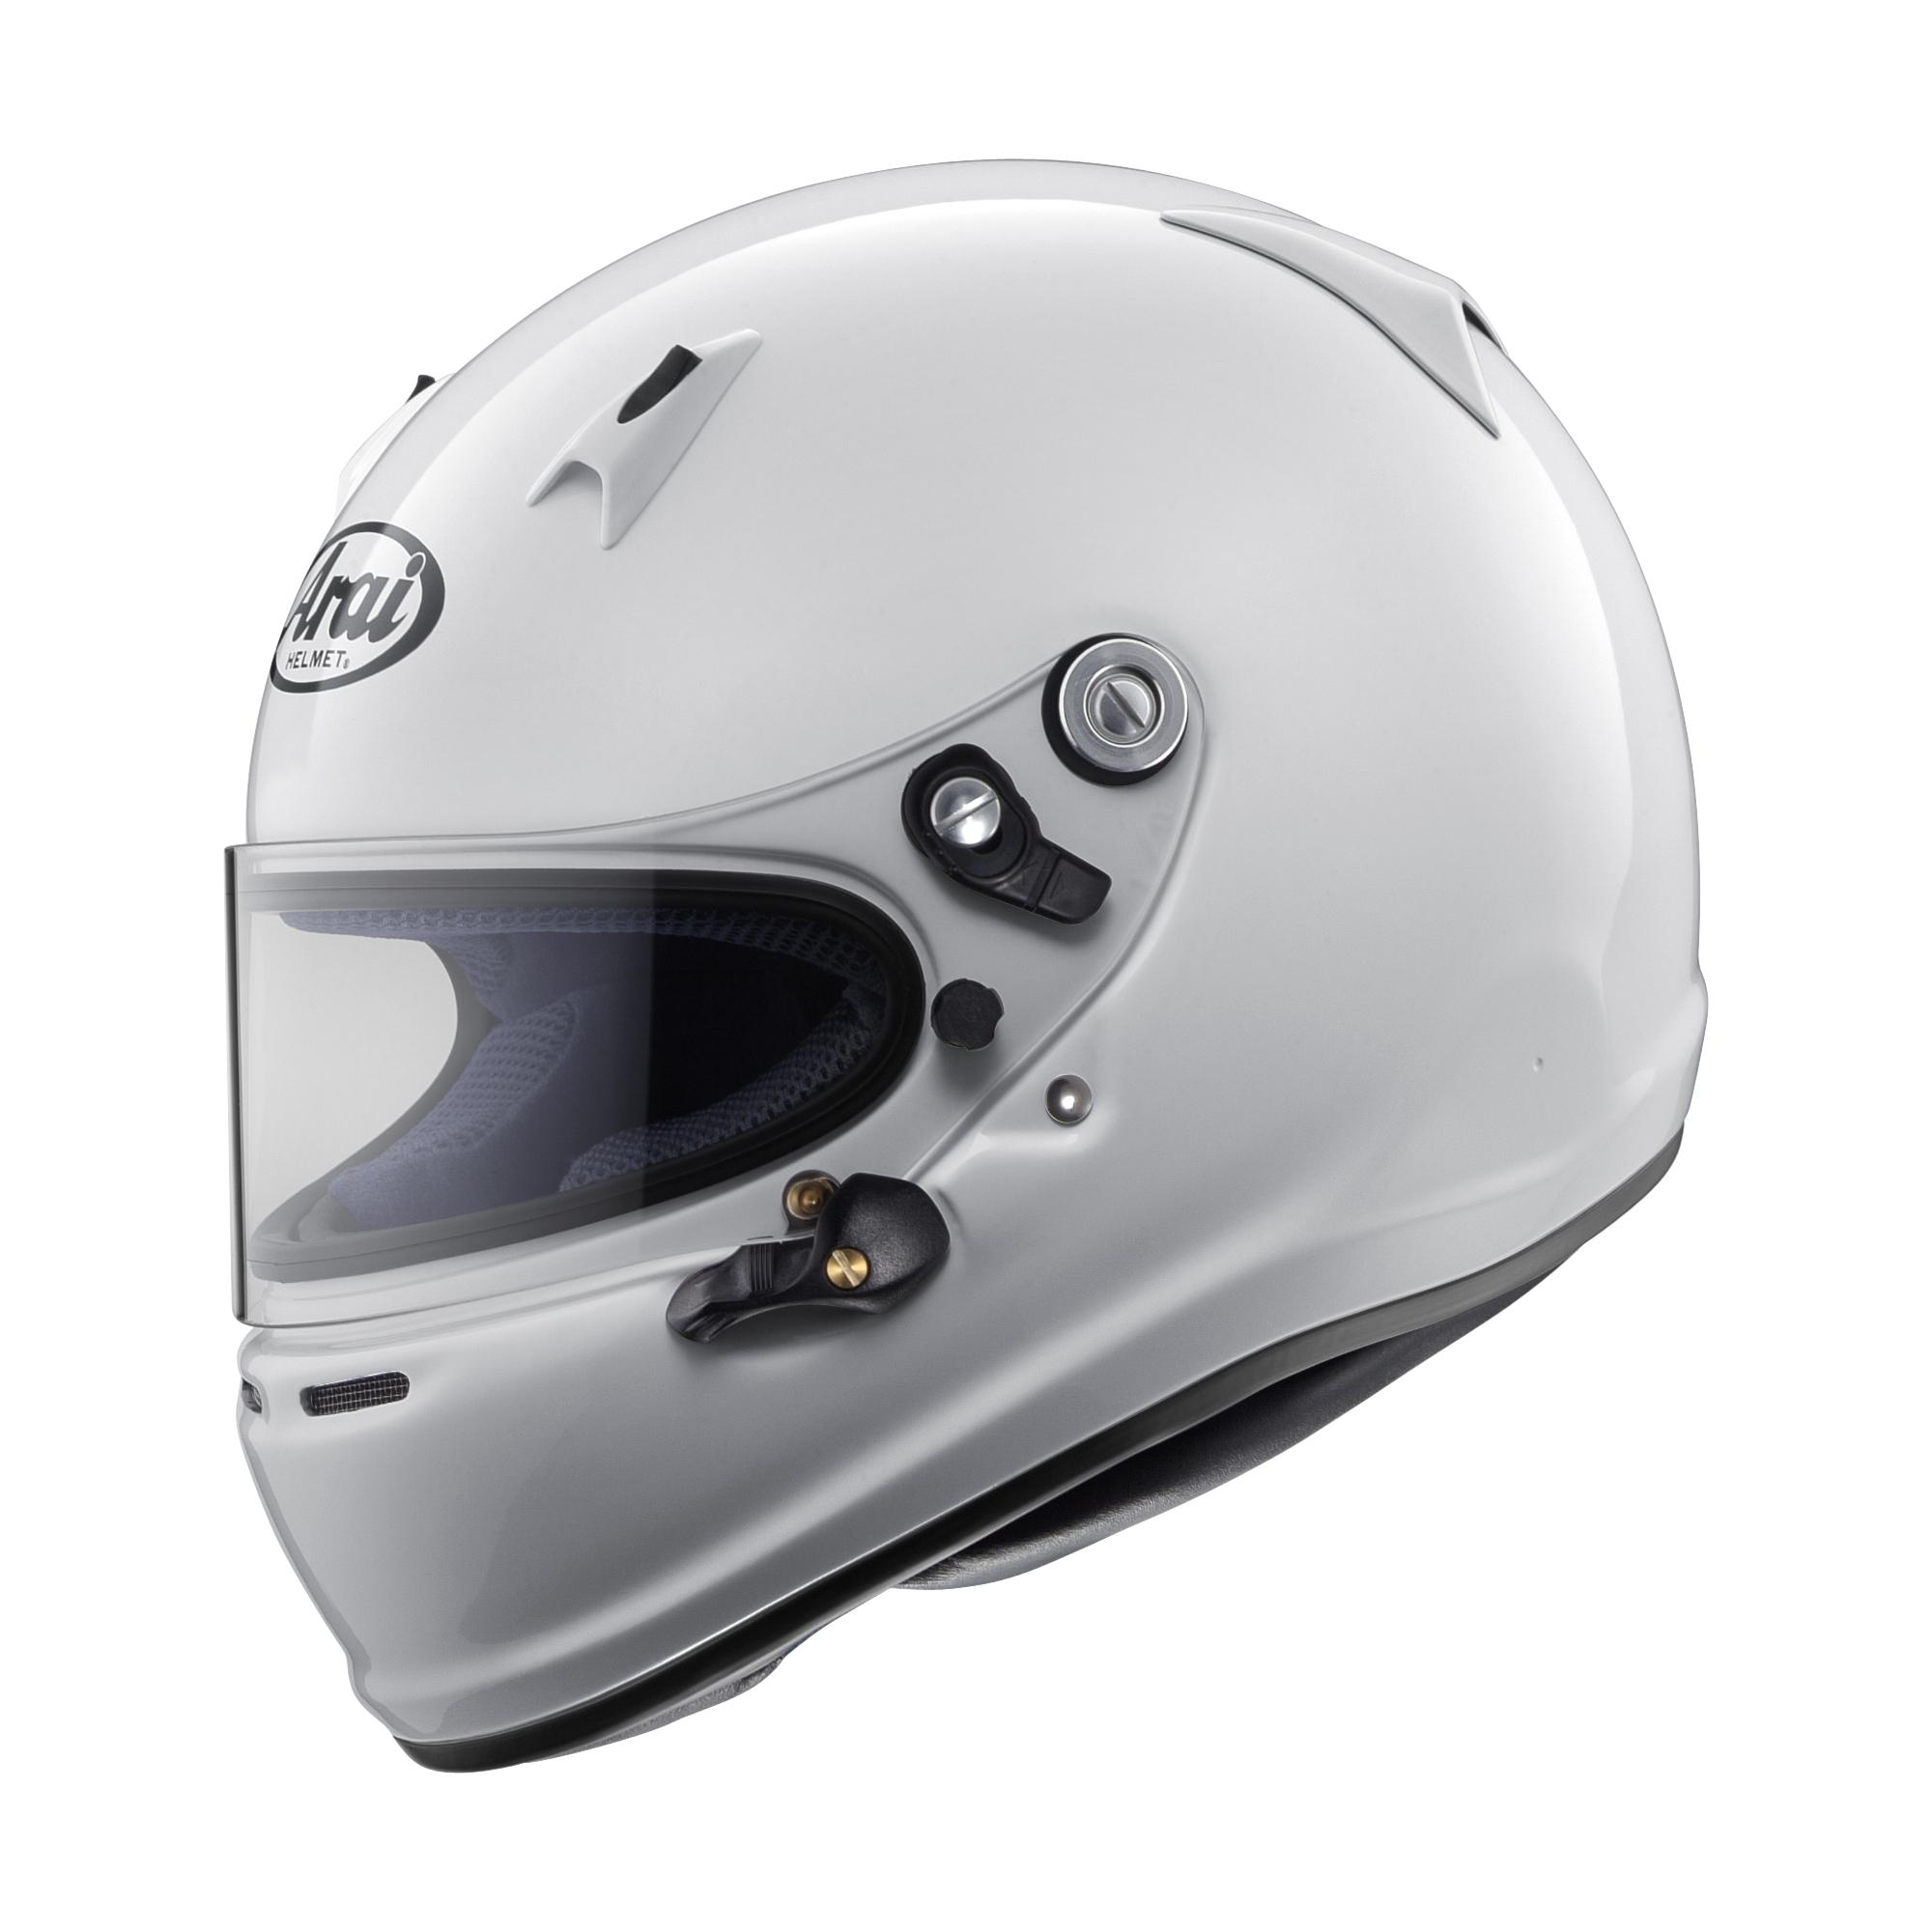 Arai Helmet 685311143556 Helmet, SK-6, Snell K 2015, White, Medium, Each